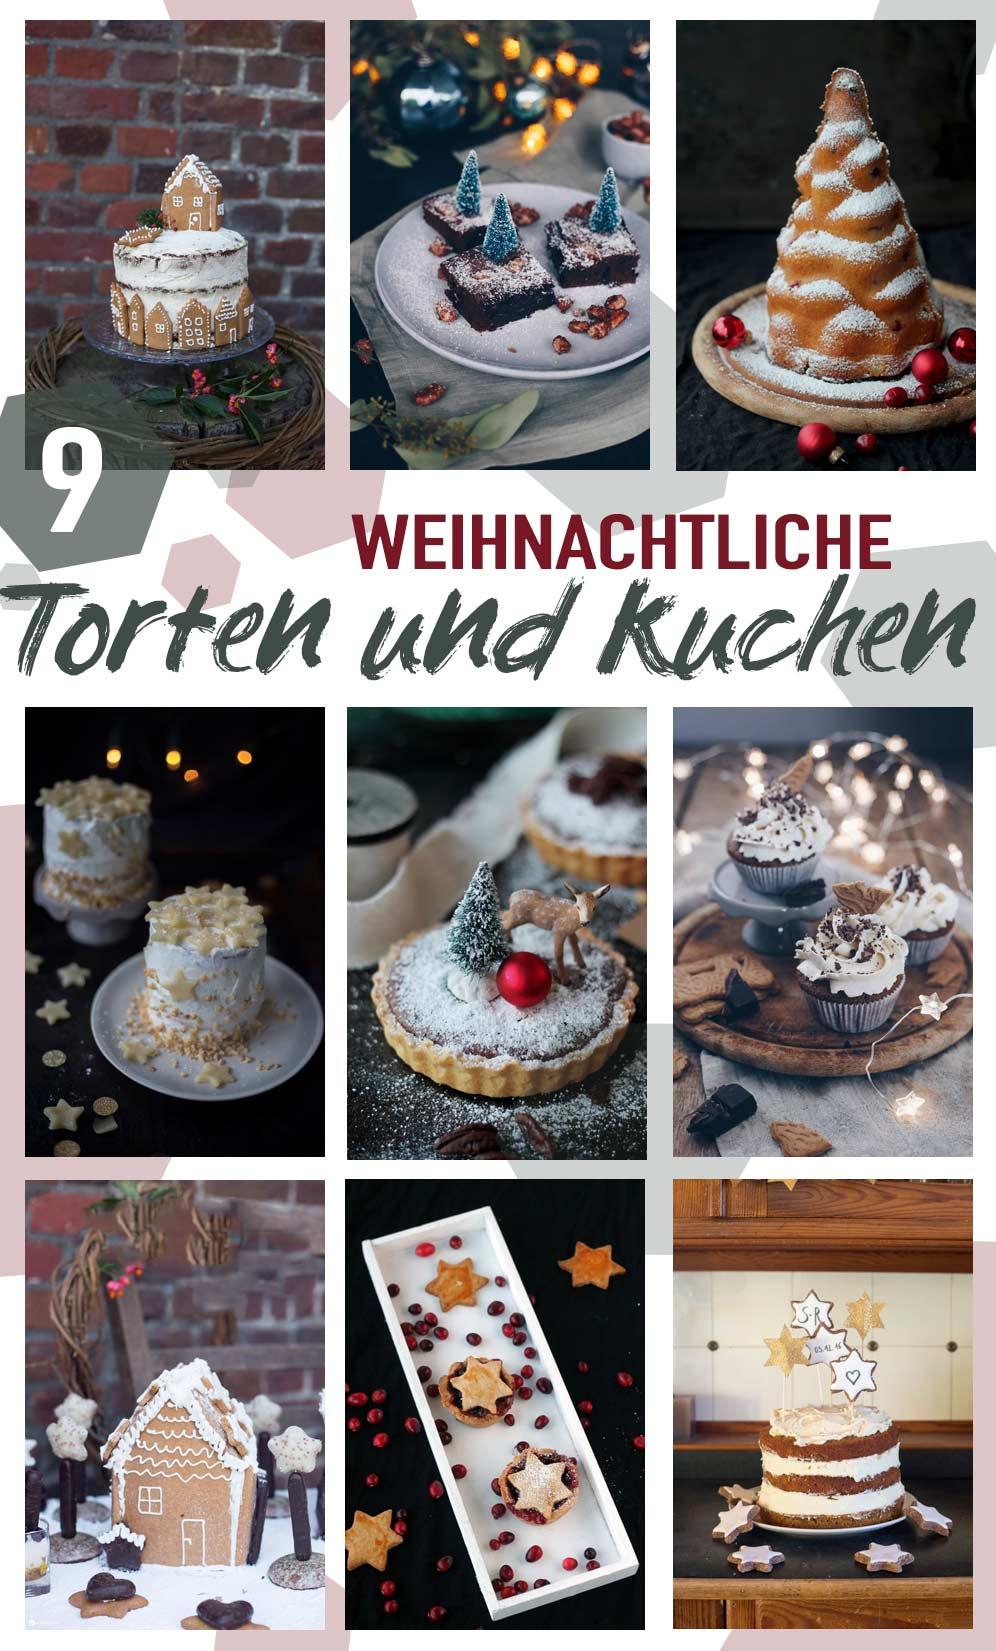 9 weihnachtliche Torten und Kuchen für den Adventskaffee oder die Weihnachtsfeiertage